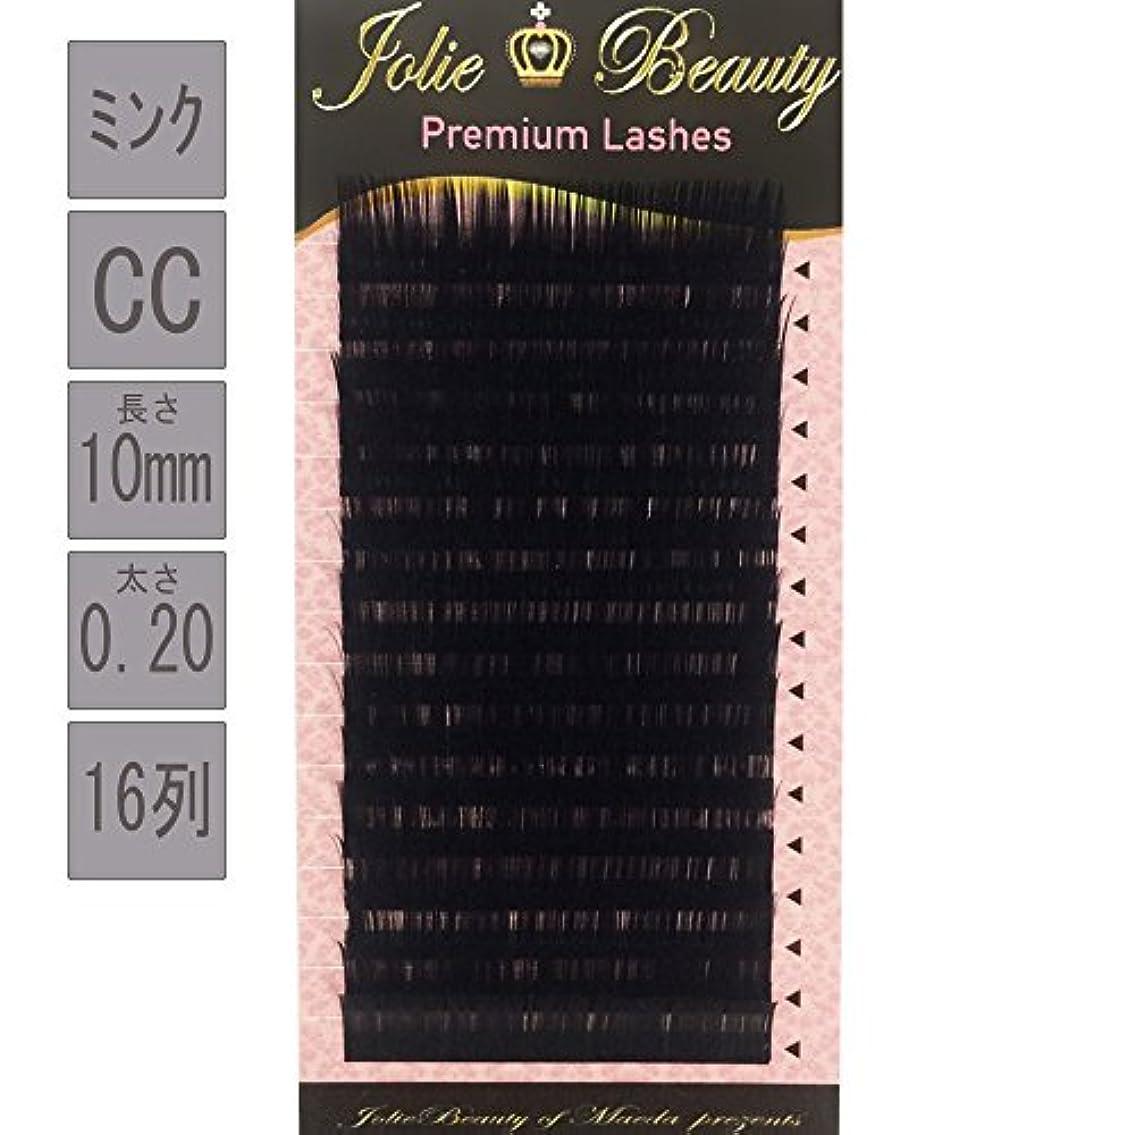 まつ毛 エクステ 長さ 10mm ( 10ミリ ) 太さ 0.10 0.15 0.18 0.20 0.25 MINK ( ミンク ) 原産国 韓国 (0.20, CC)